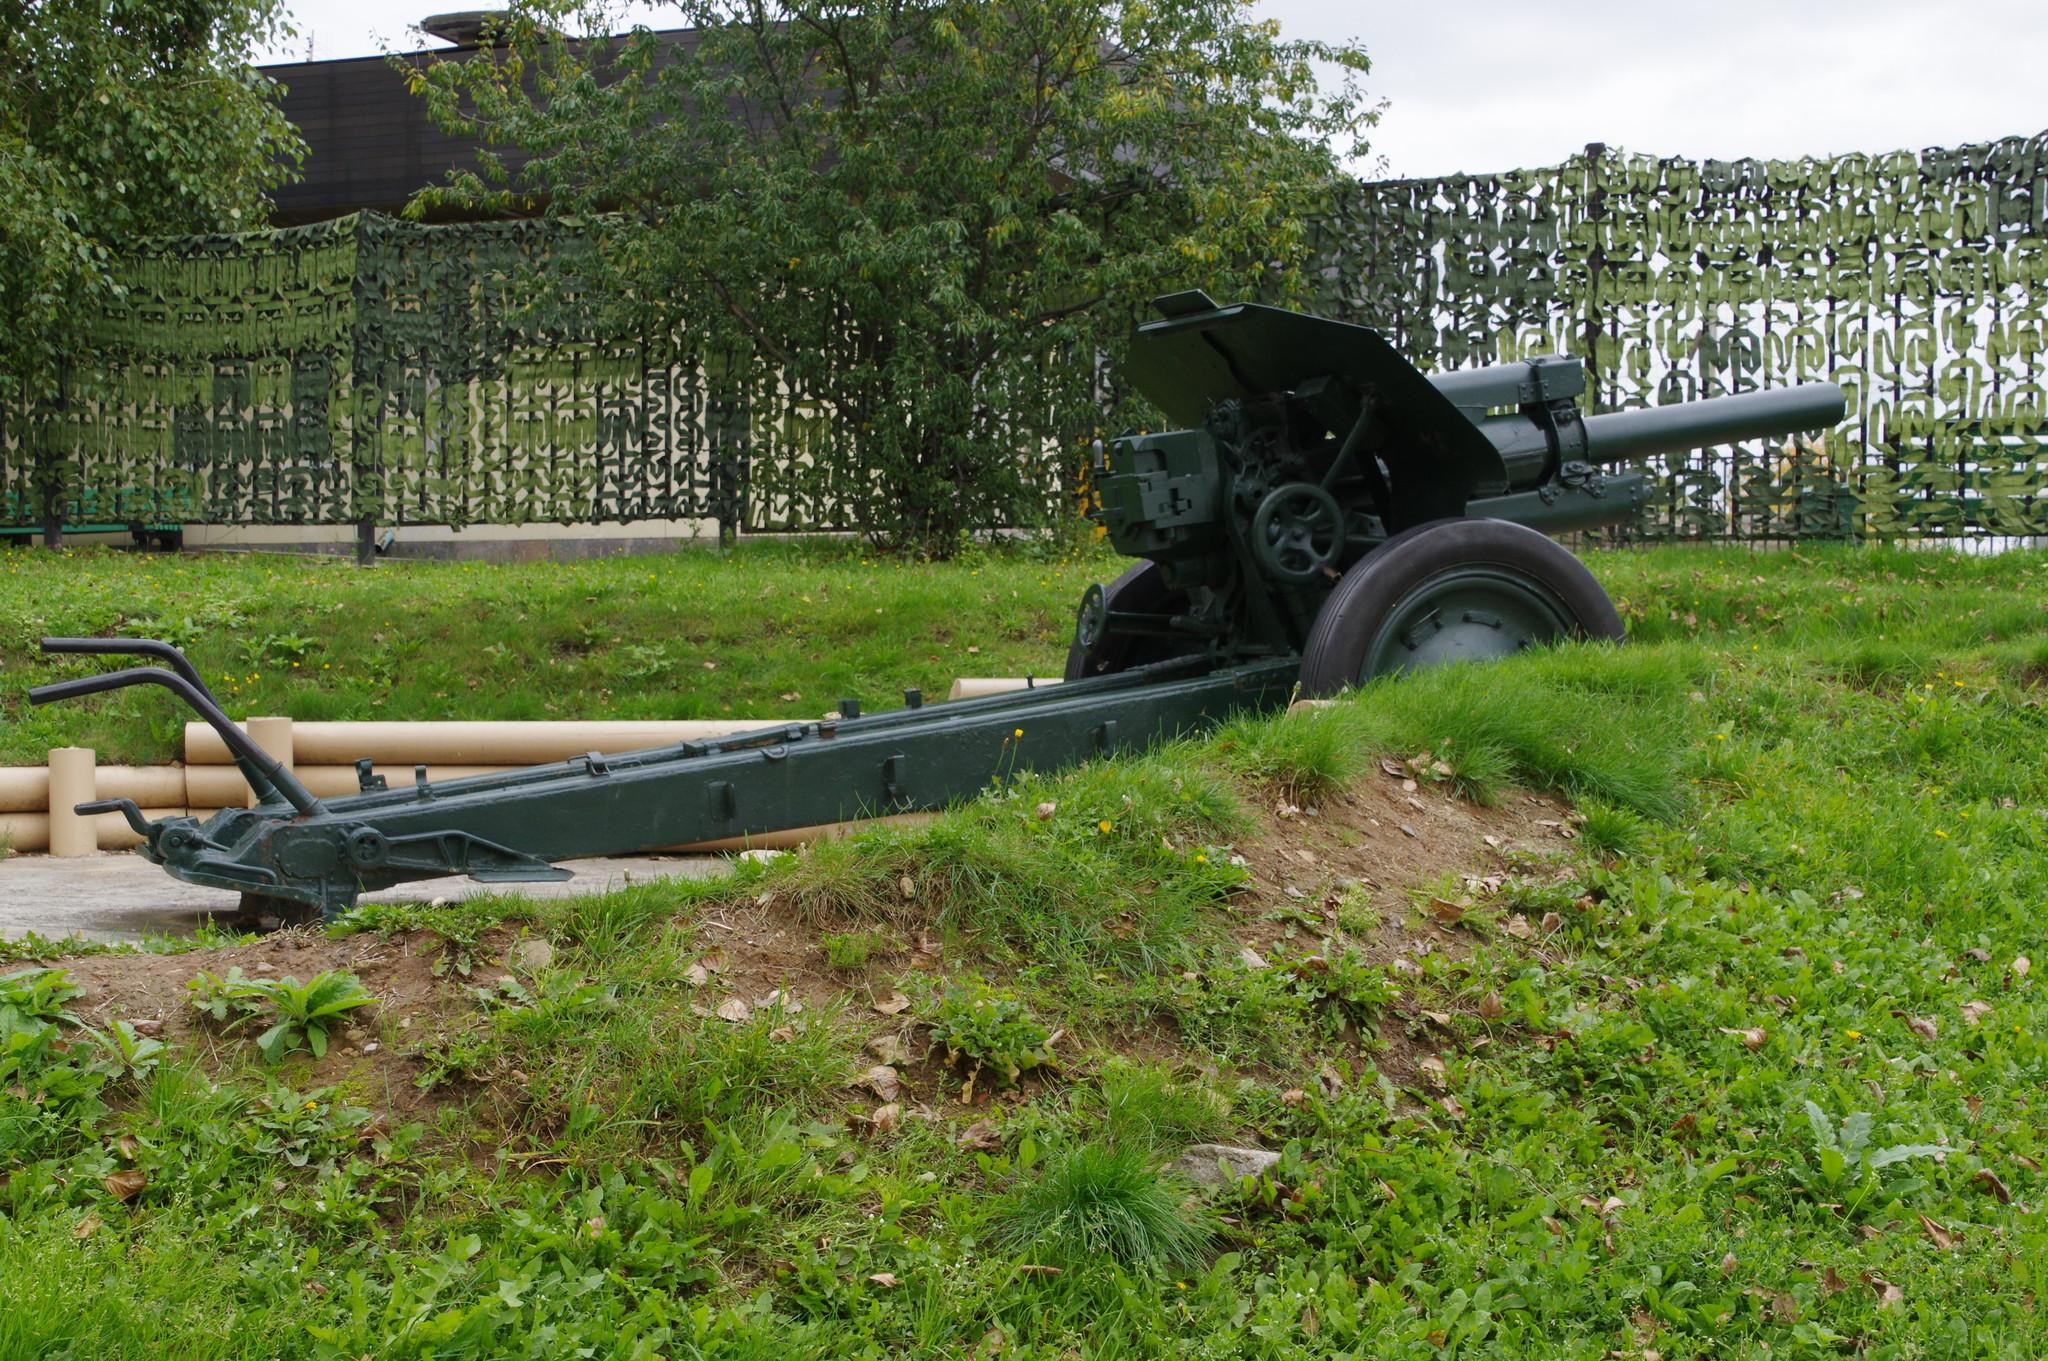 122-мм гаубица образца 1938 года (М-30). Центральный музей Великой Отечественной войны 1941-1945 гг.